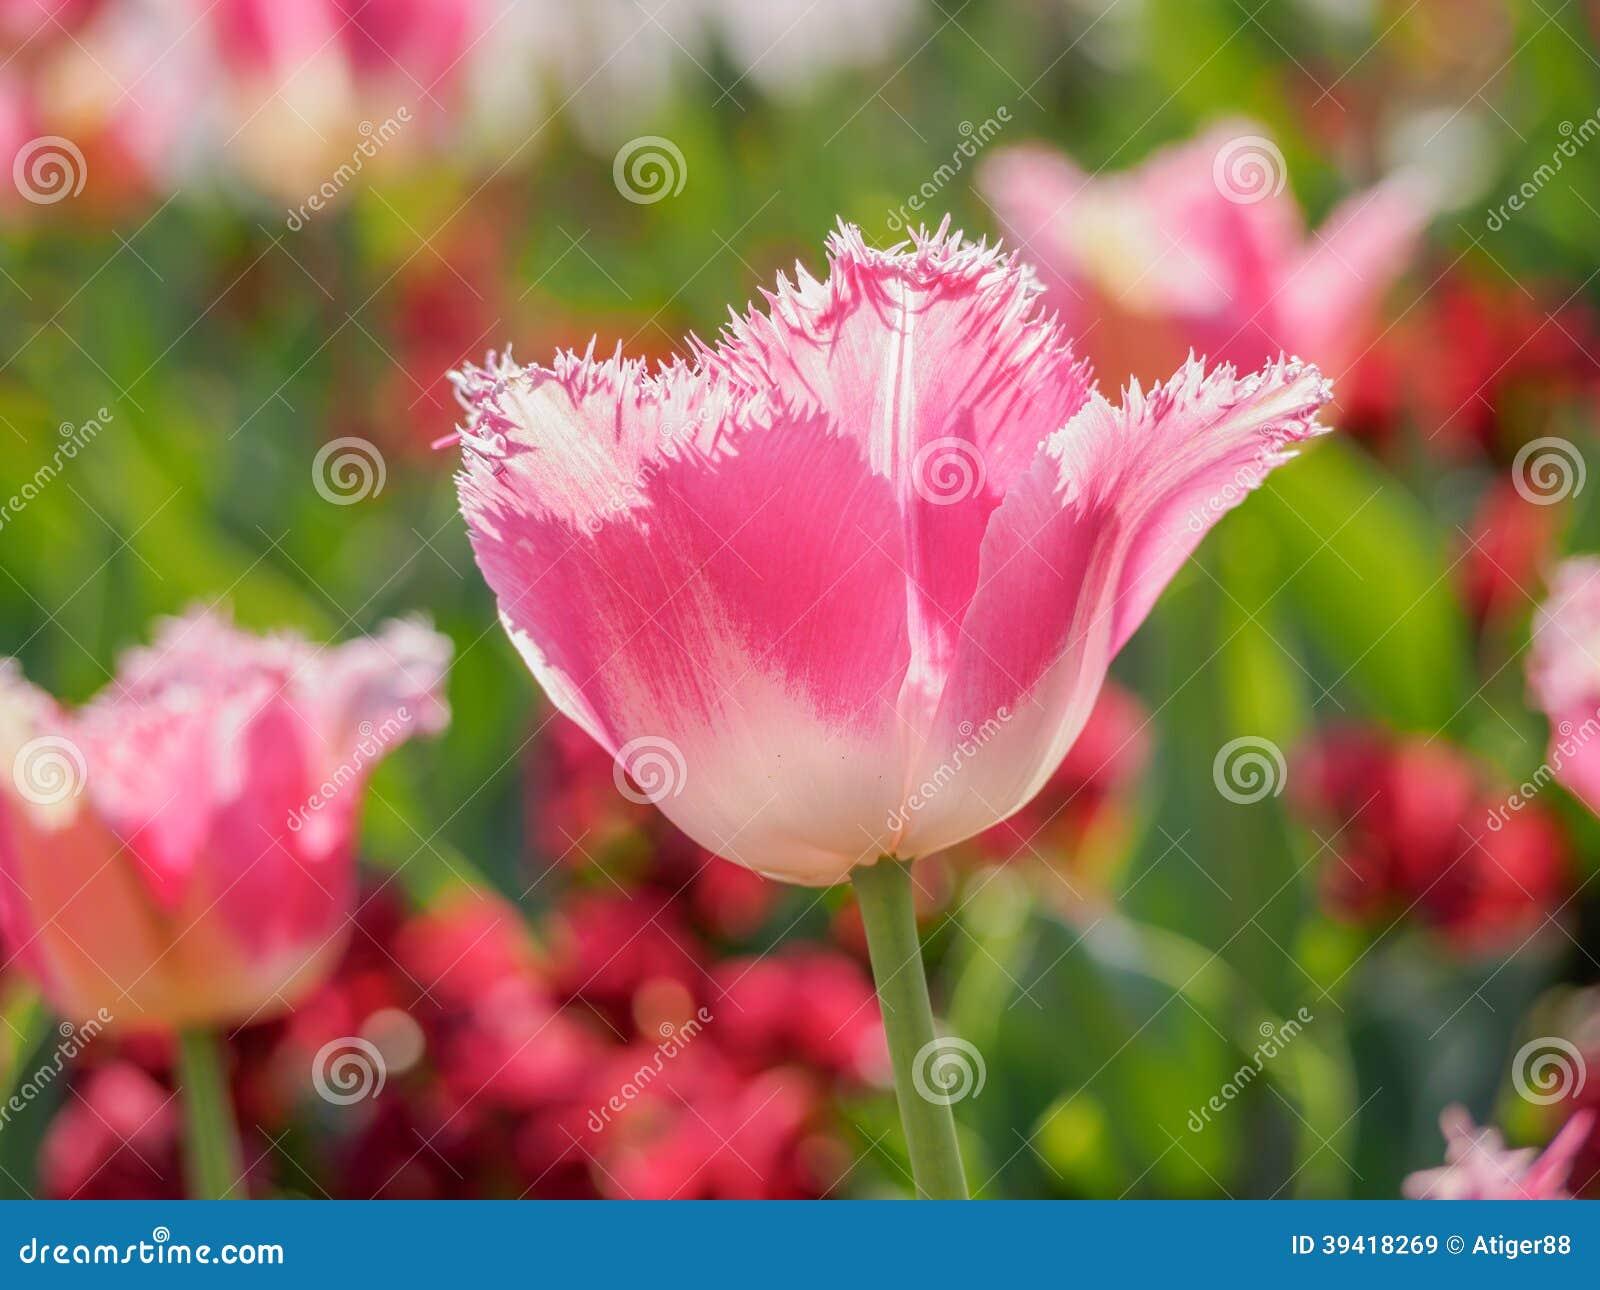 春天开花系列,与锯齿状的瓣的桃红色郁金香